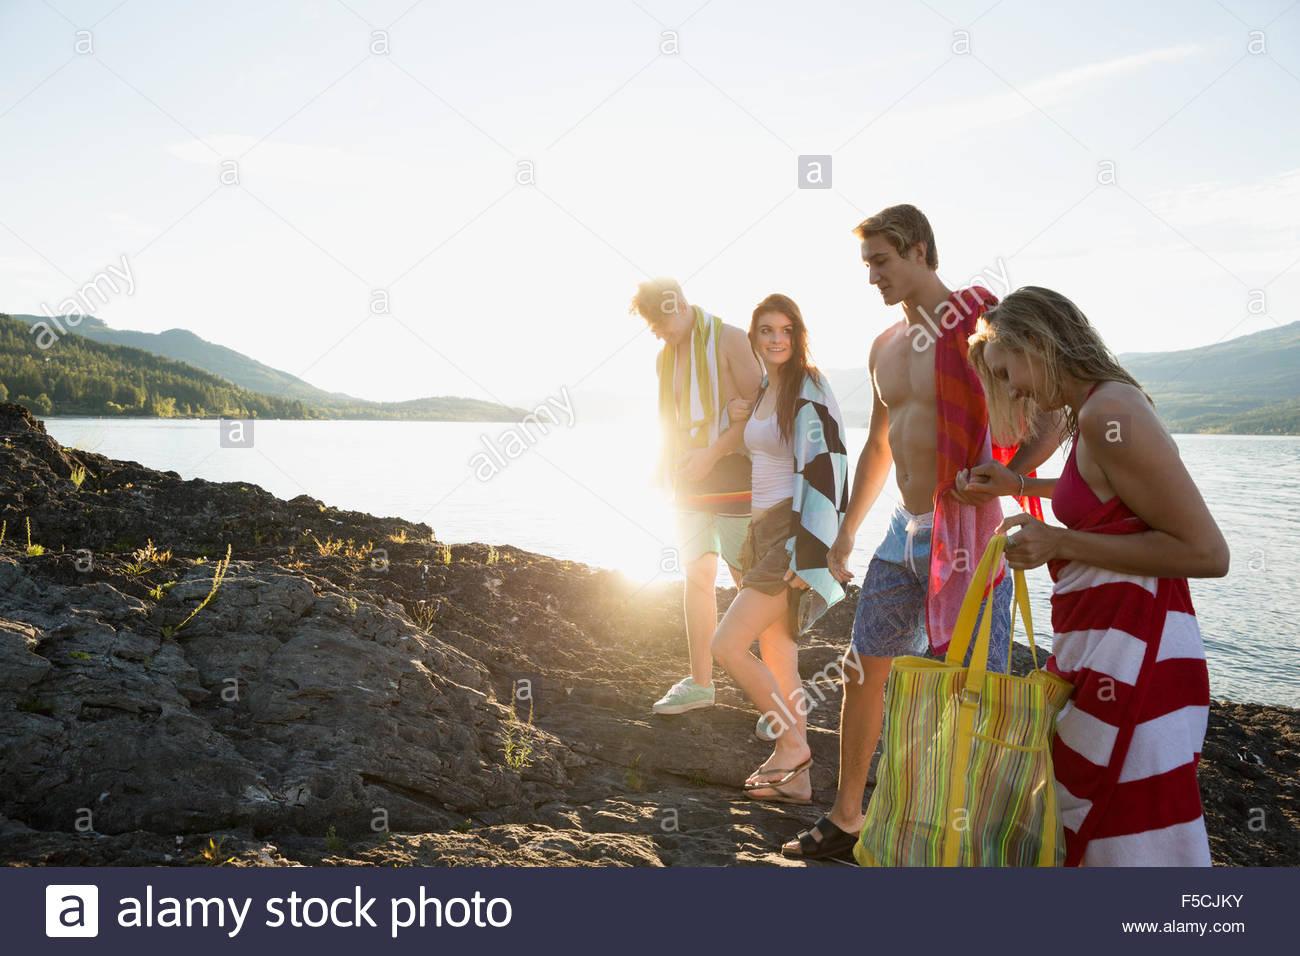 Junge Freunde mit Handtüchern auf den Felsen am See Stockfoto